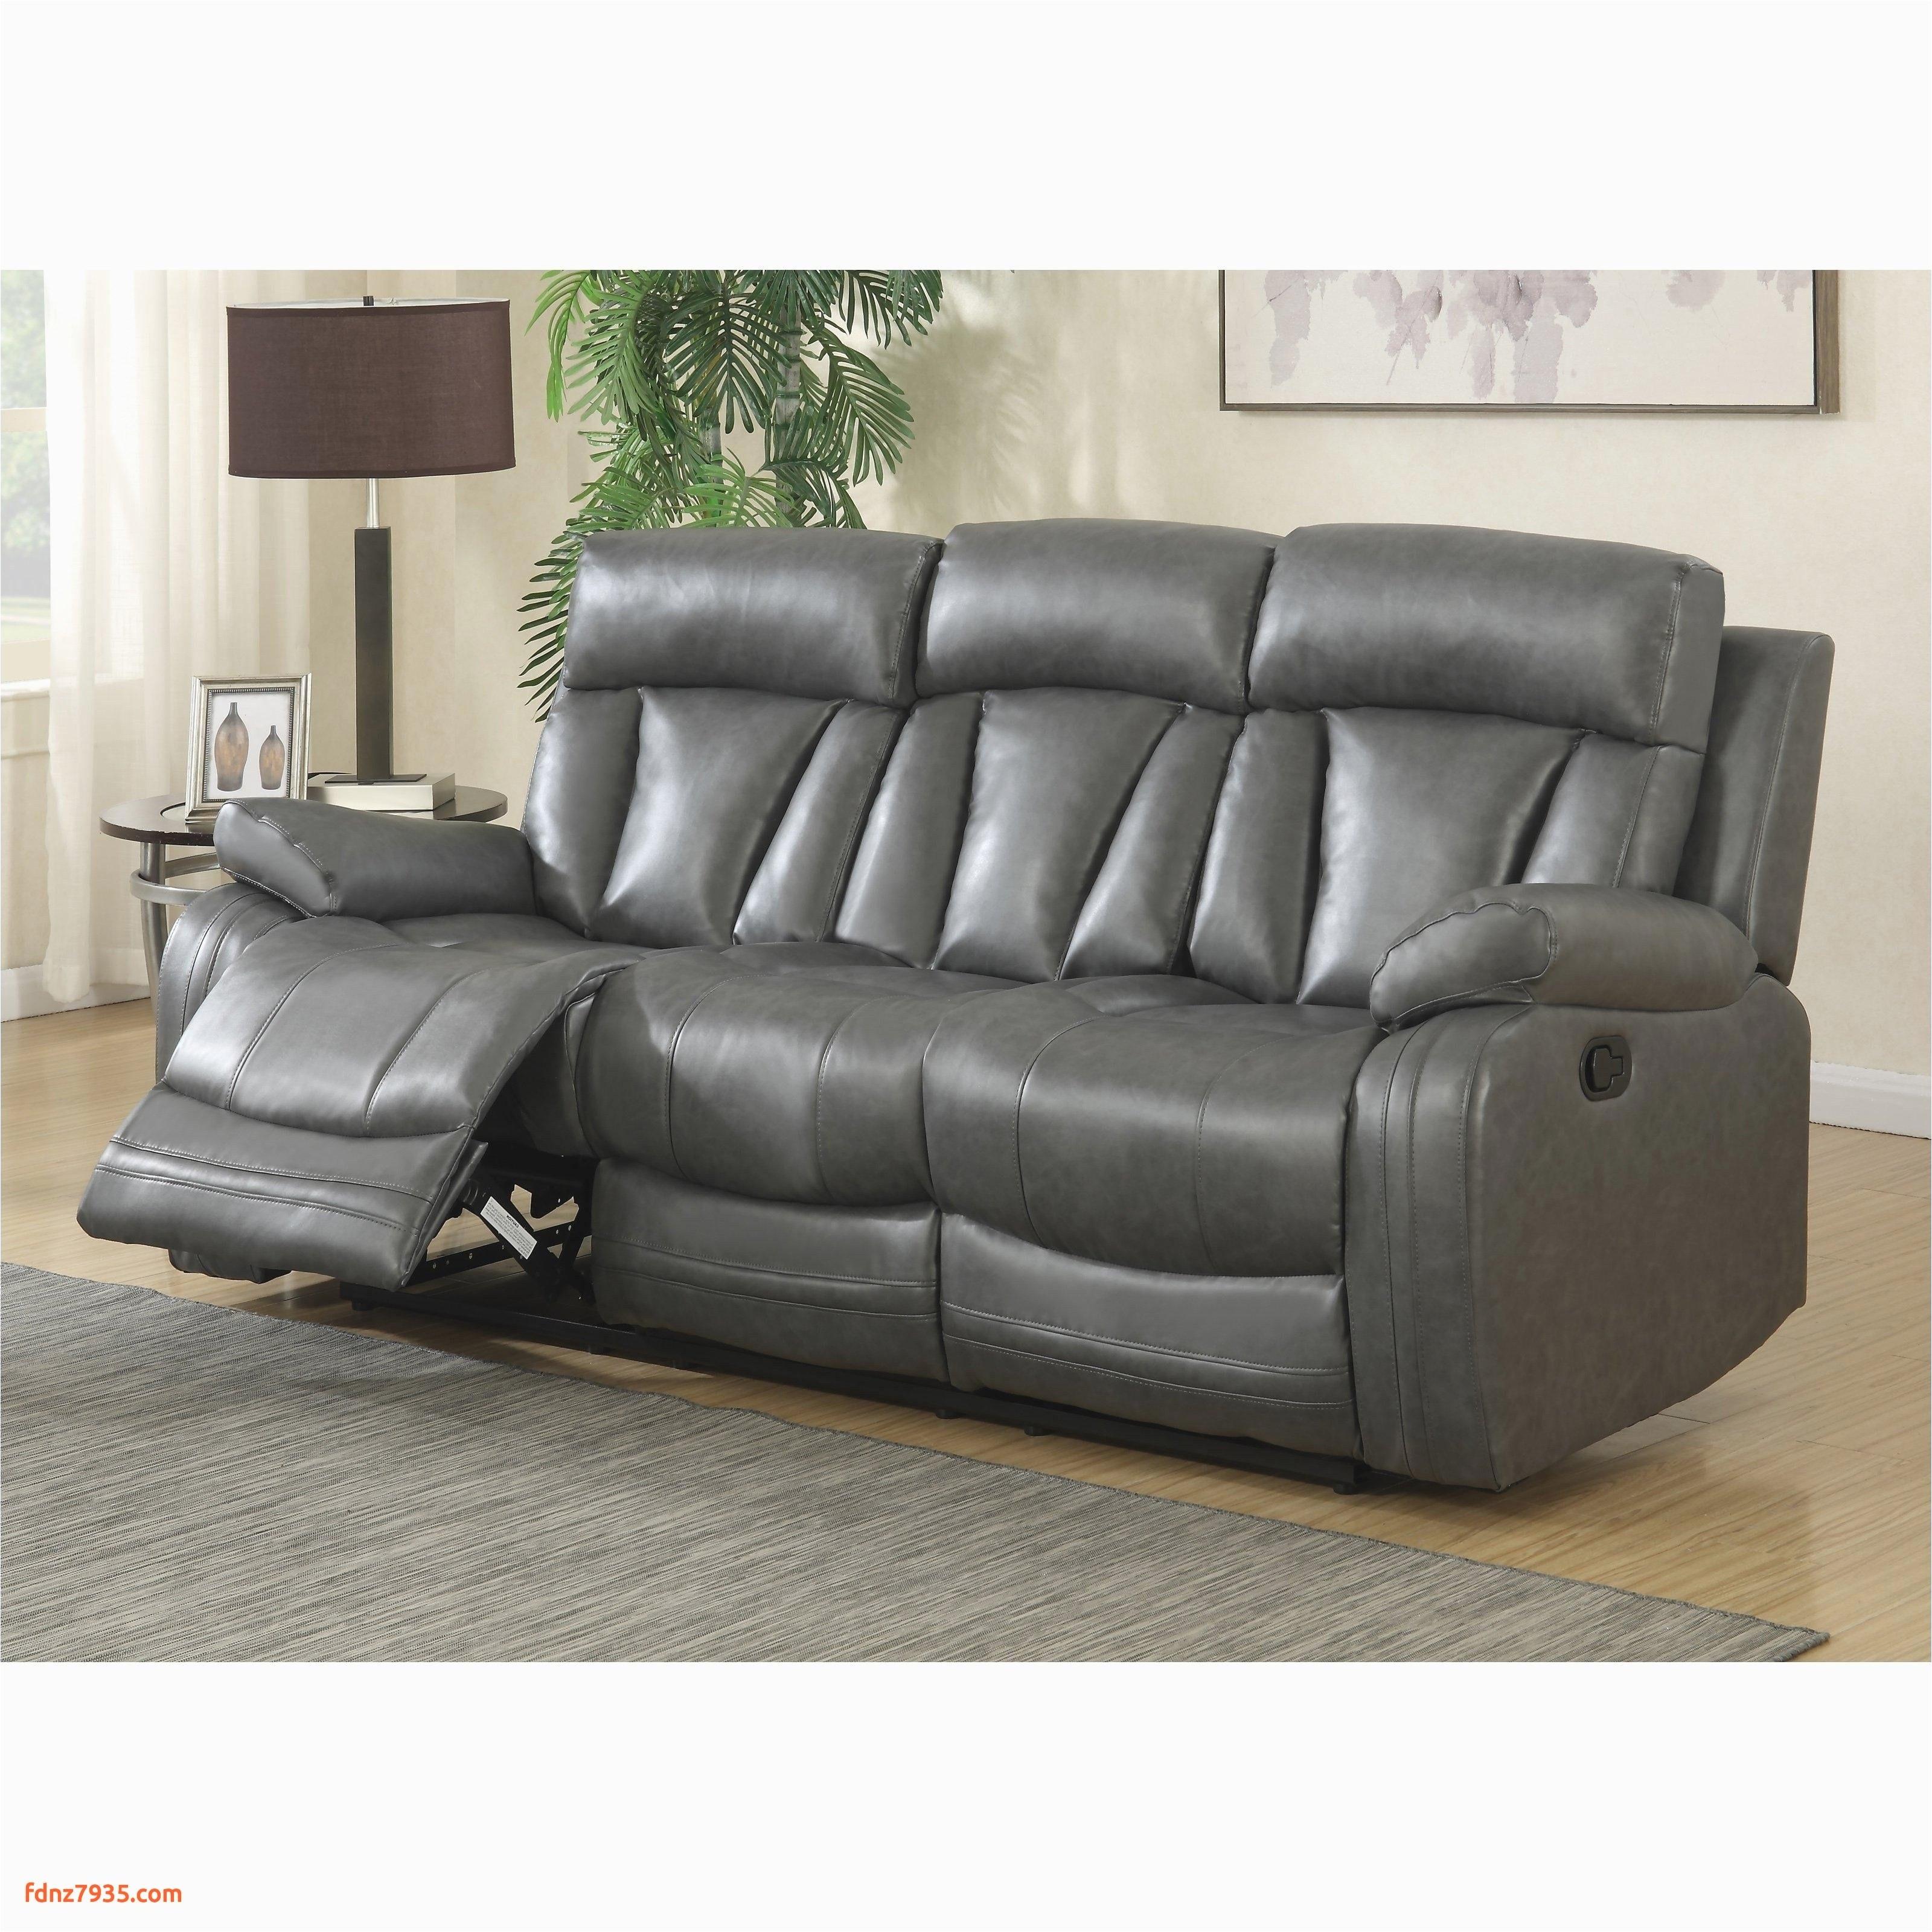 power reclining sofa and loveseat beautiful furniture gray reclining loveseat best tufted loveseat 0d